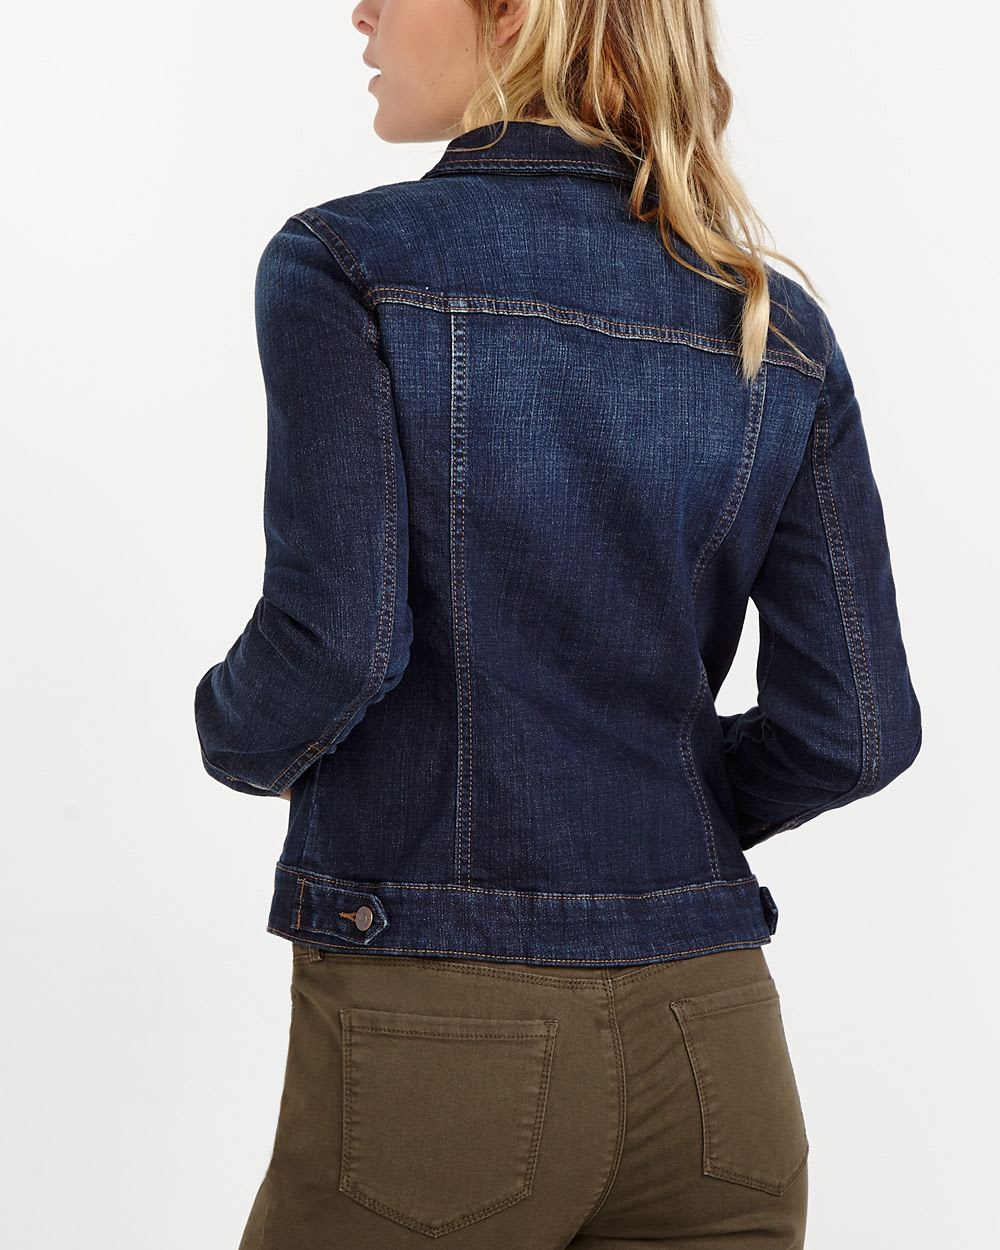 Jeans Femmes Reitmans Veste En Brodée xTUA0H f3b717f6306